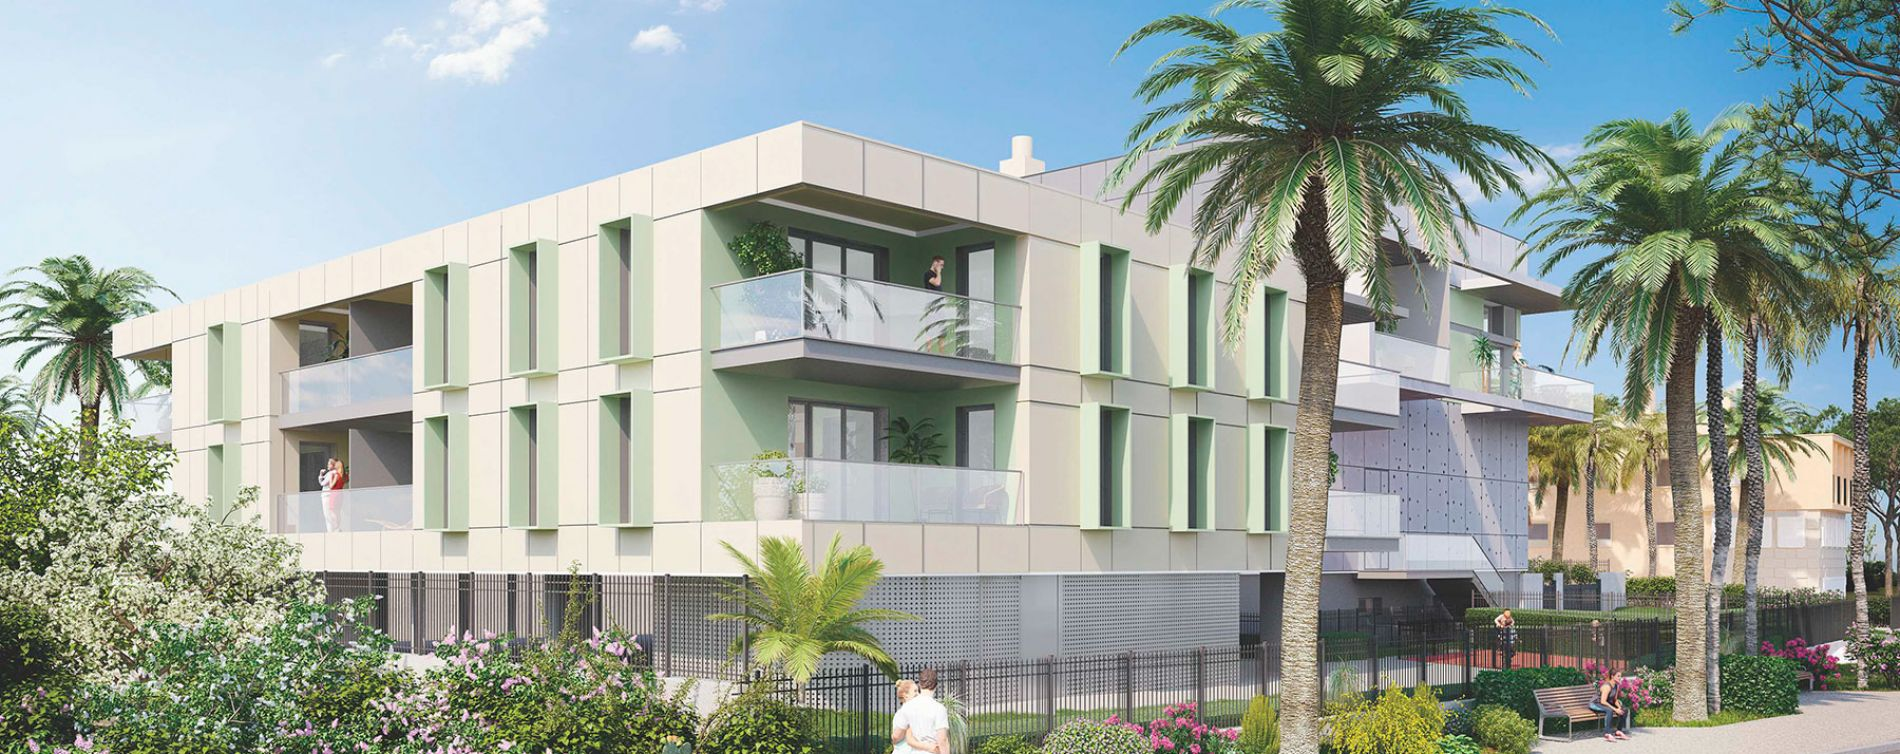 Le Lavandou : programme immobilier neuve « Nouvelle Ère »